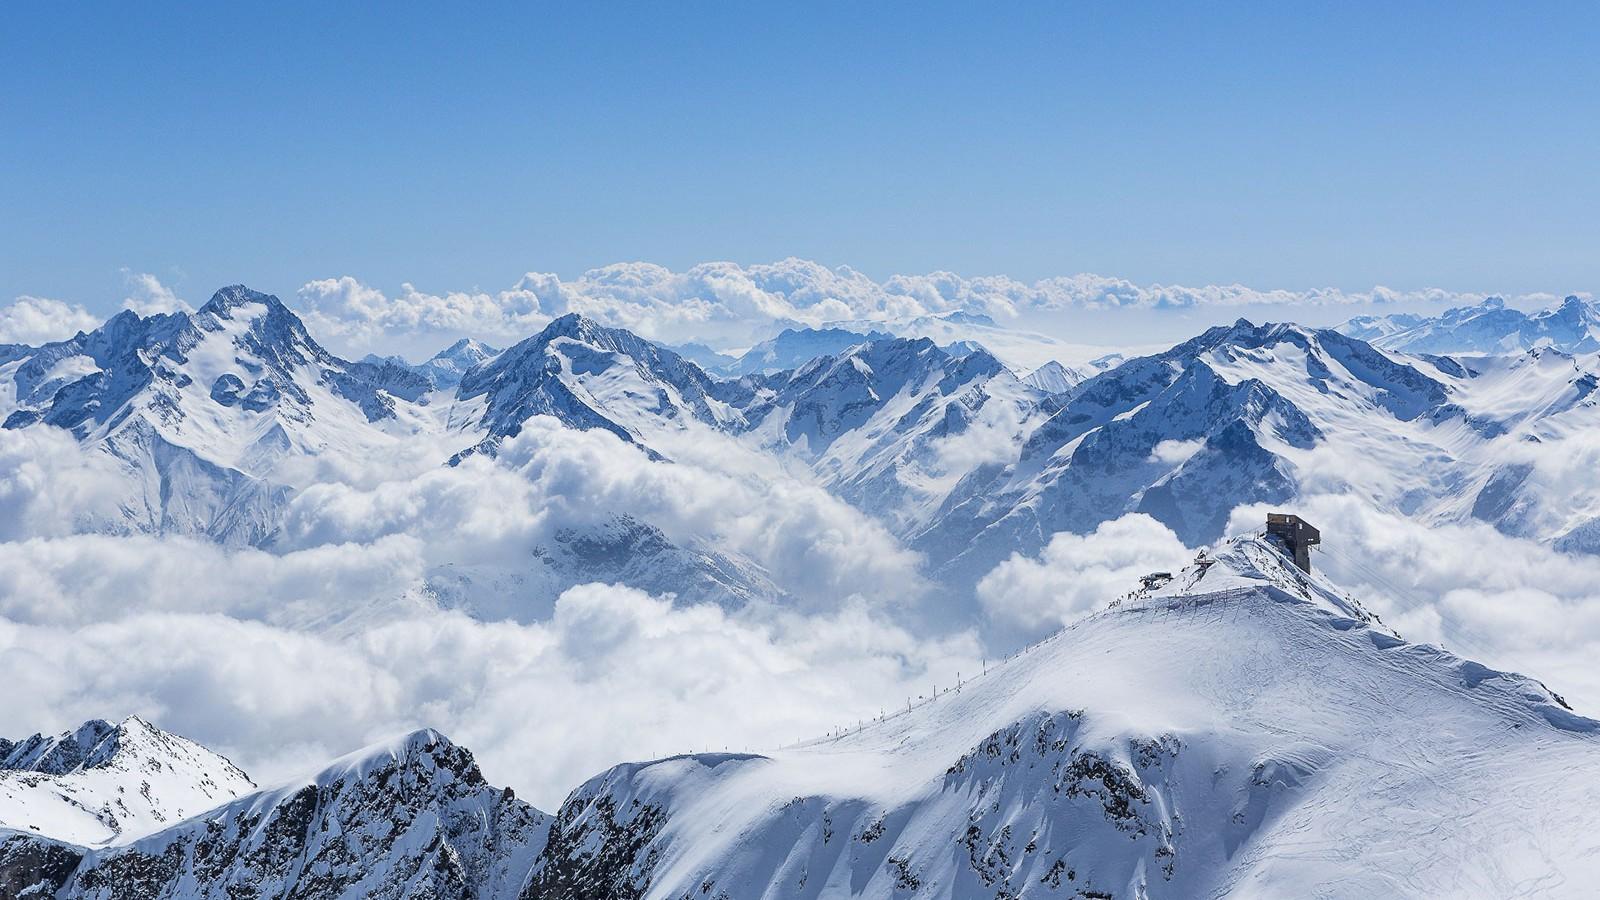 alpedhuez_mountains